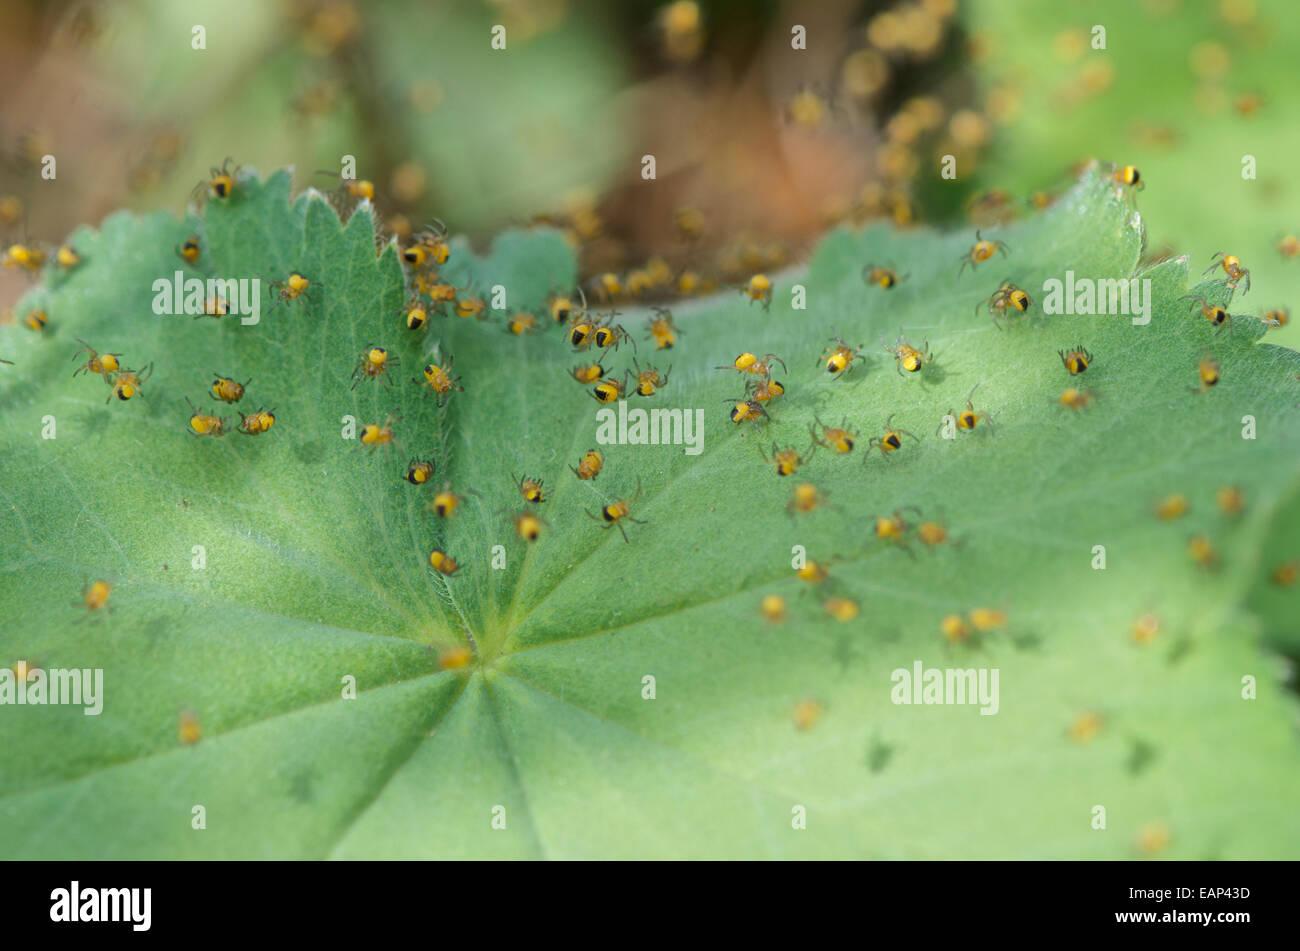 L'araignée Araneus diadematus, jardin, petits nouveaux, en suspension sur la soie. Photo Stock